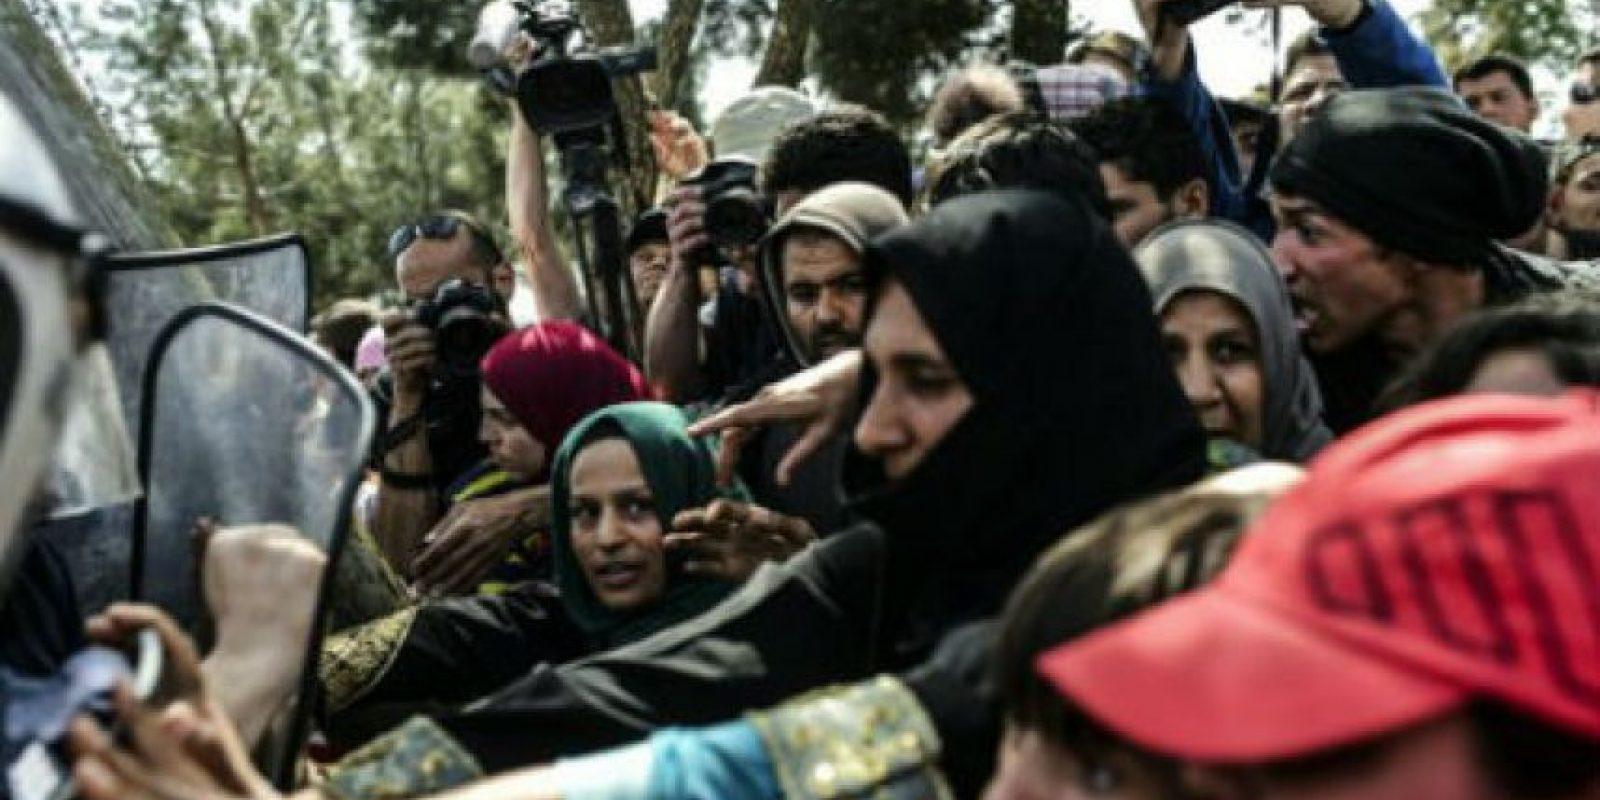 """Y endurecido más la situación de miles de personas que buscaban apoyo en el """"Viejo continente"""". Foto:AFP"""